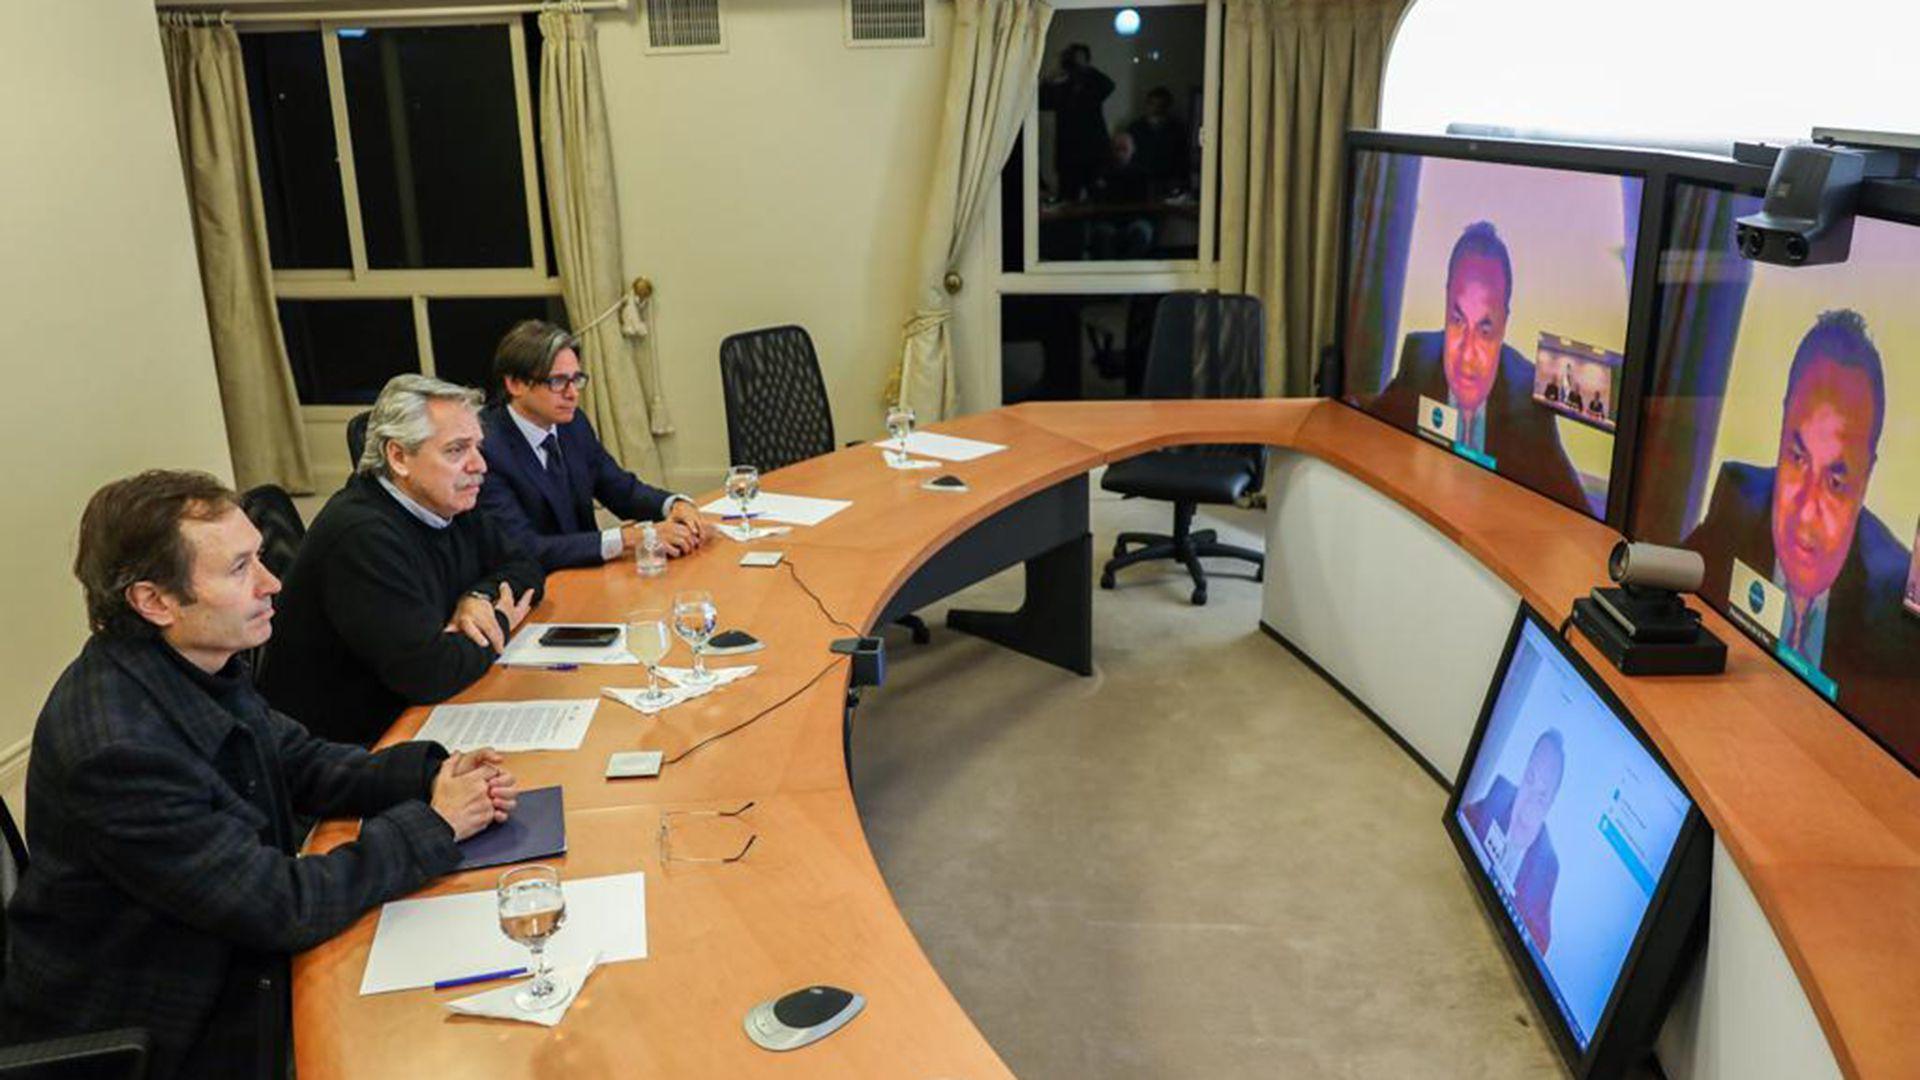 Alberto Fernández junto a Gustavo Béliz y Christian Asinelli en charla con Luis Carranza Ugarte de CAF